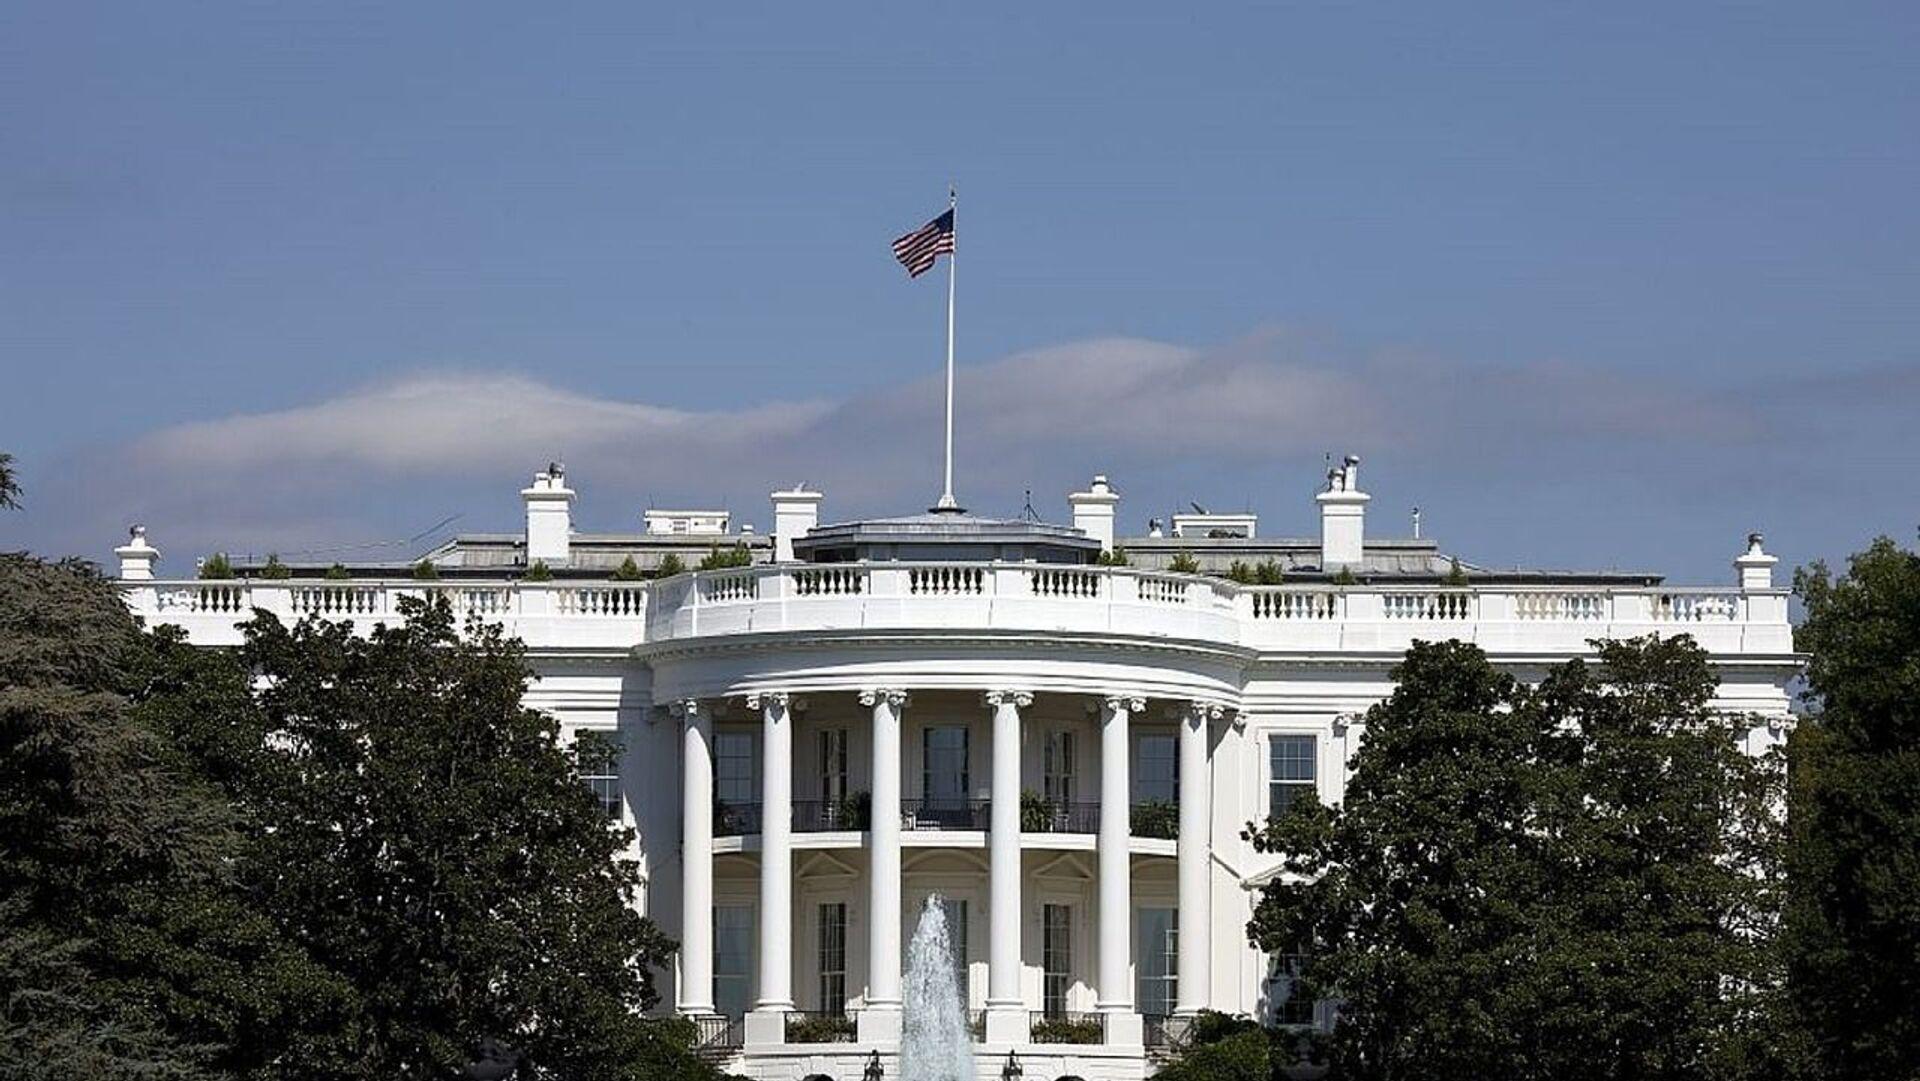 La Casa Blanca en Estados Unidos (imagen referencial) - Sputnik Mundo, 1920, 29.09.2021